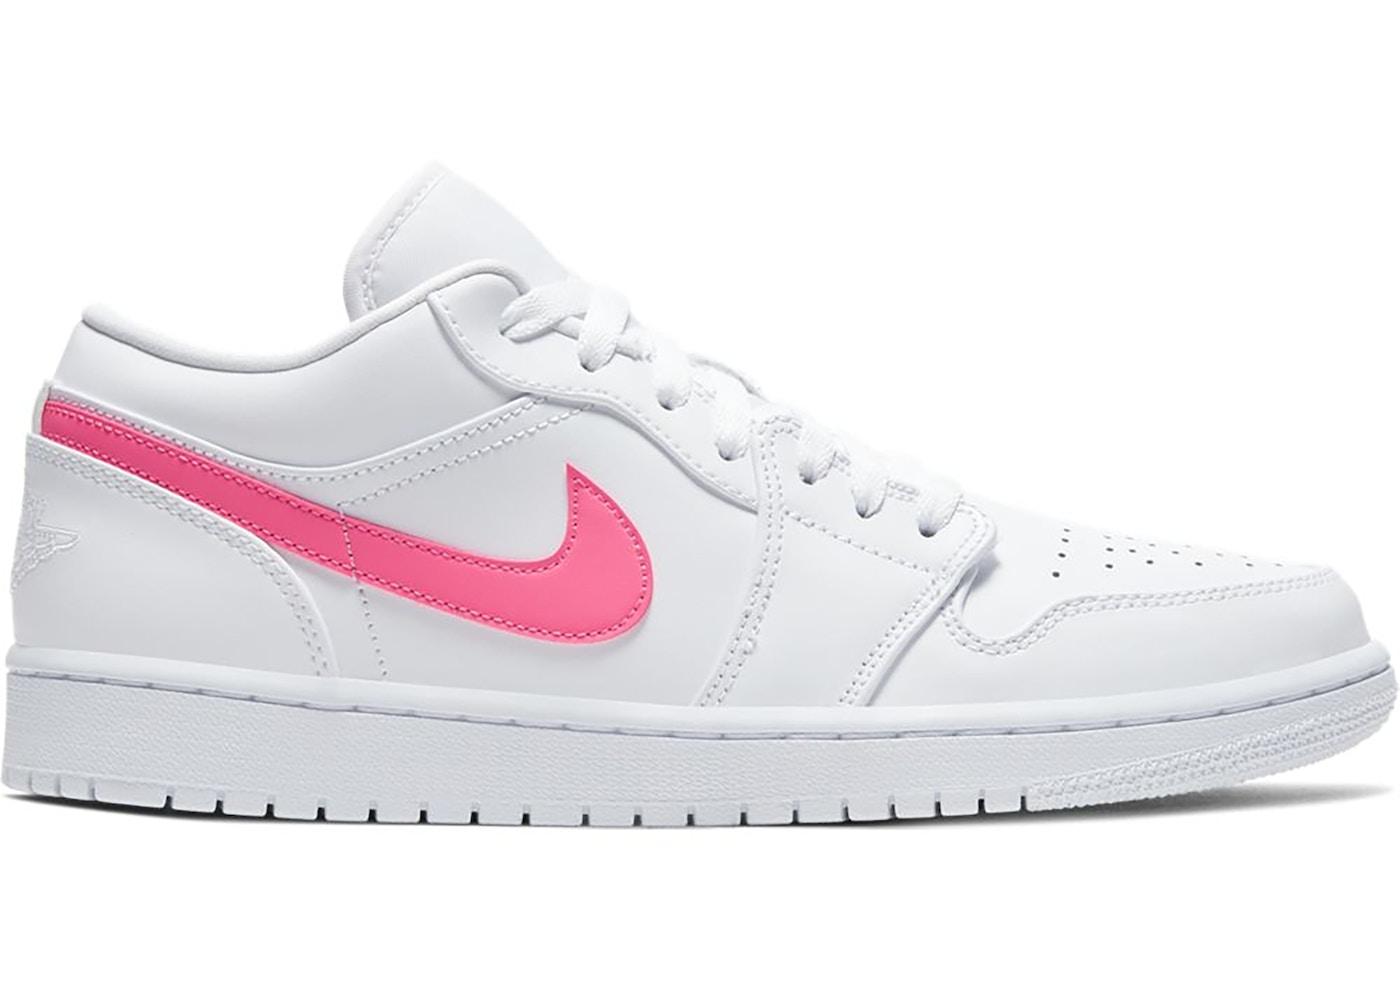 Jordan 1 Low White Multi Color Swoosh Cw7033 100